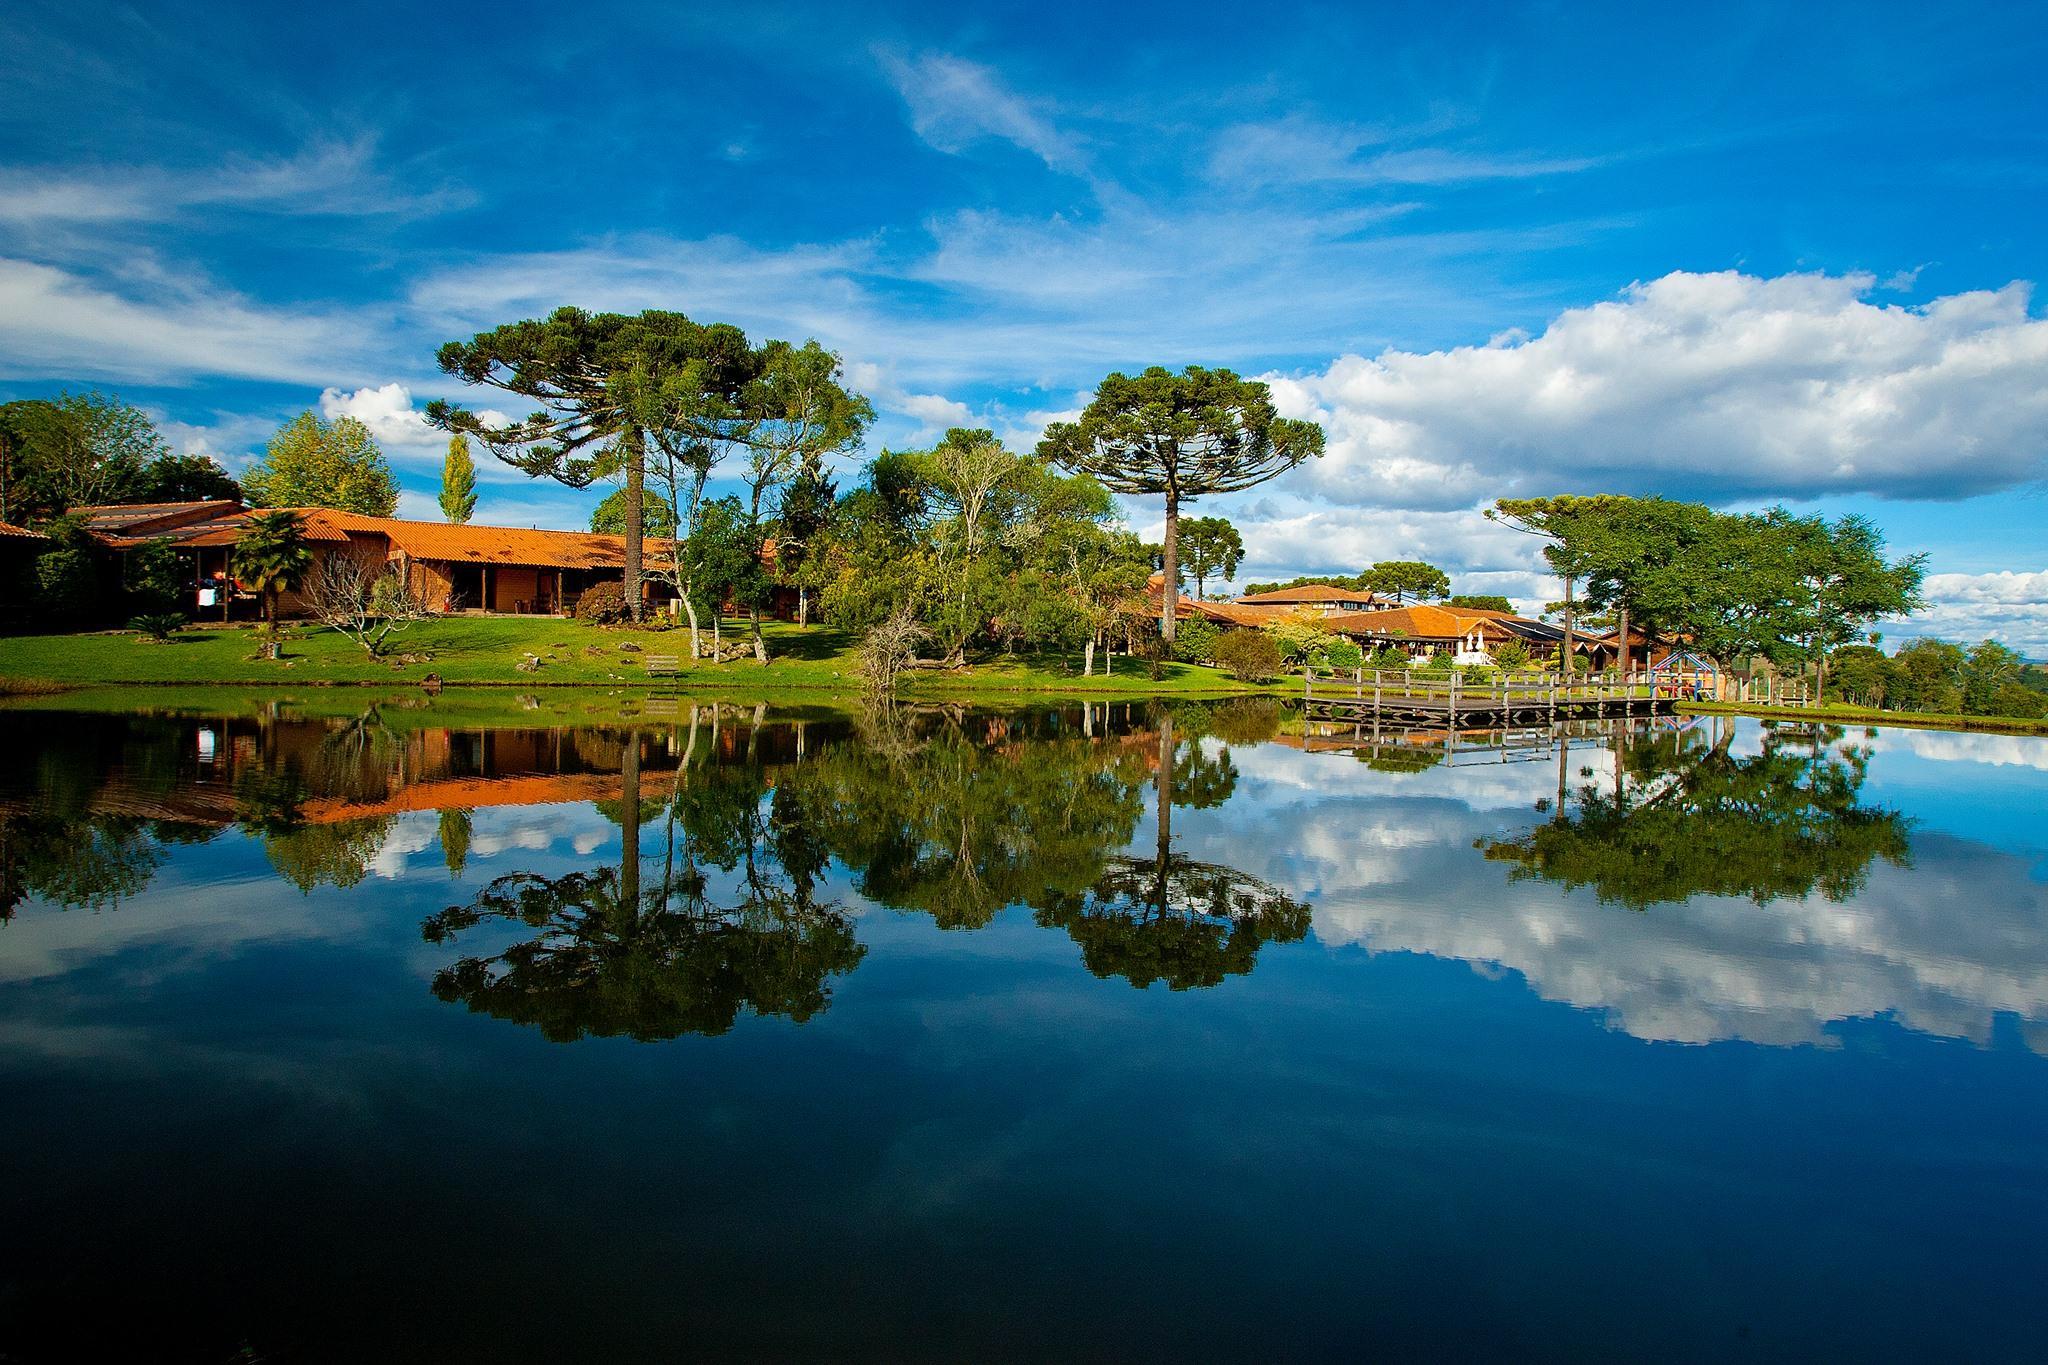 Beluga XL O ecoturismo ou turismo de natureza é uma modalidade turística que tem crescido nos últimos anos em todo o mundo